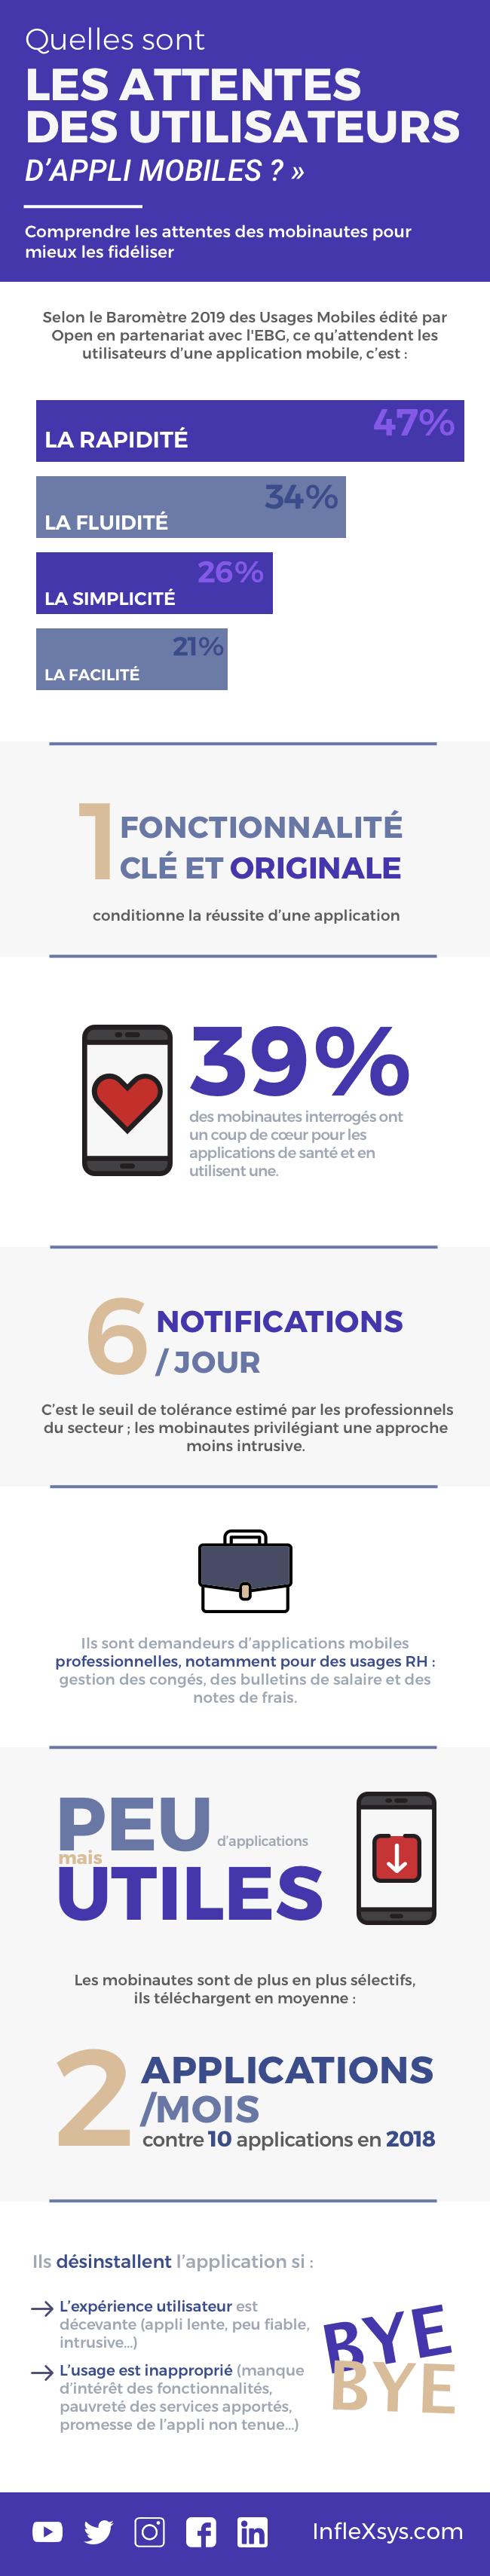 [Infographie] Comprendre les attentes des utilisateurs de votre application mobile : indispensable pour garantir leur fidélisation